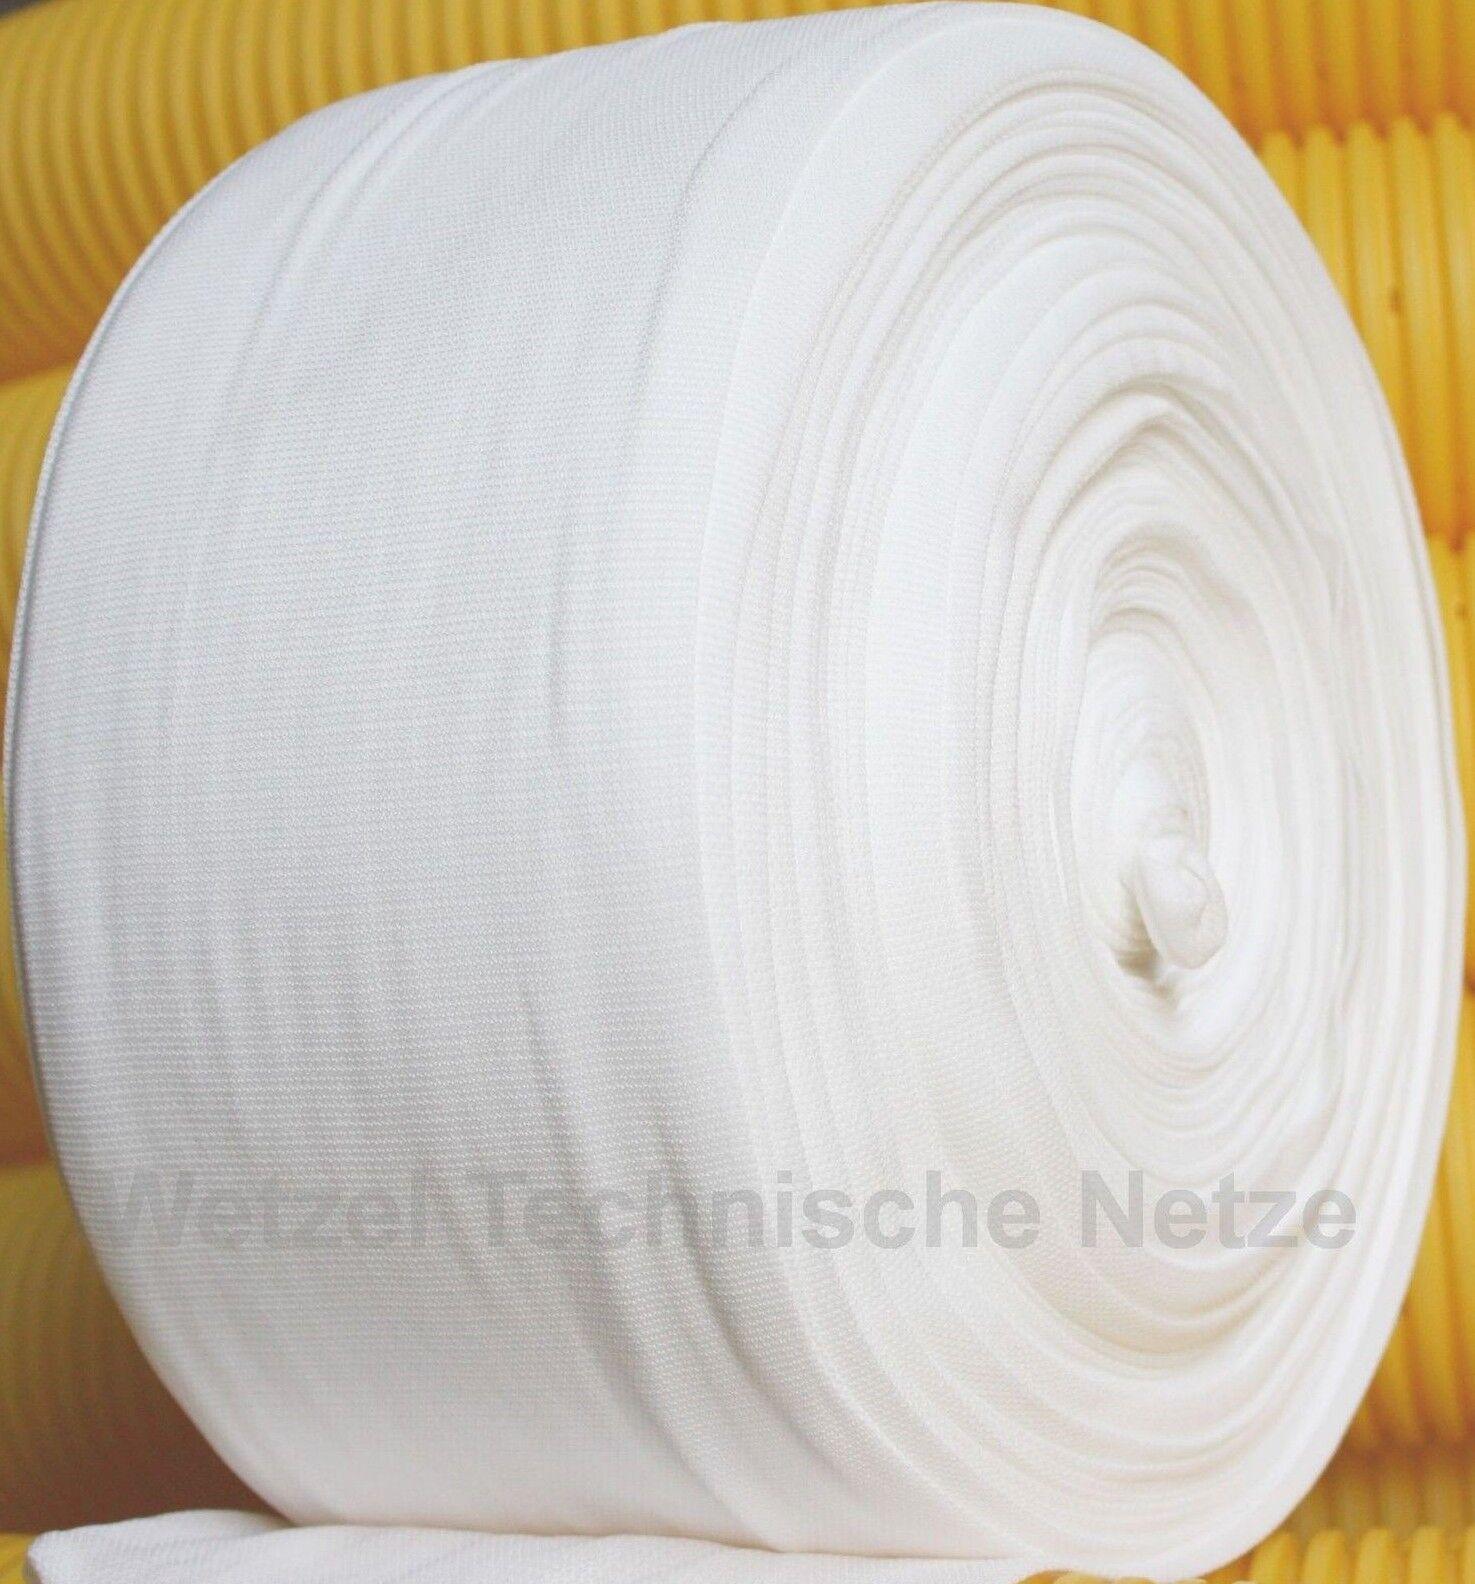 Tessuto drenante 75m Tubo Filtro Per Tubo Drenaggio dn100